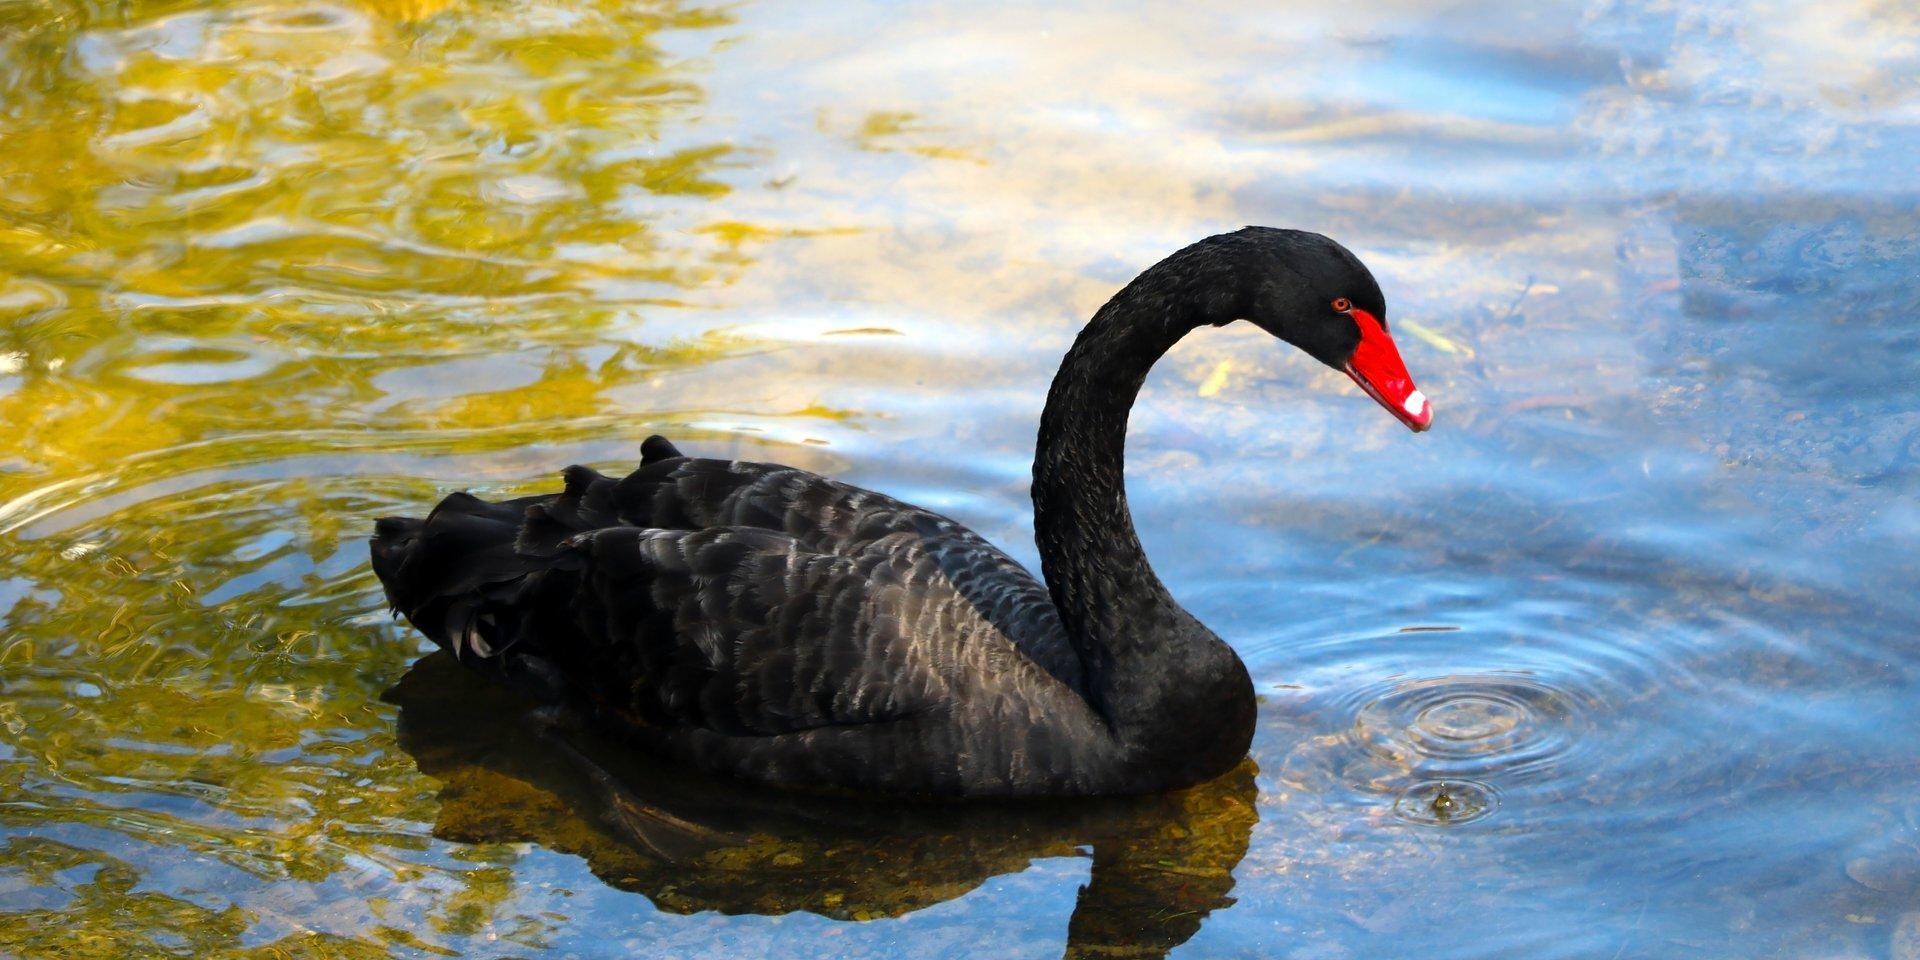 Czarne łabędzie - jak zarządzamy ryzykiem?